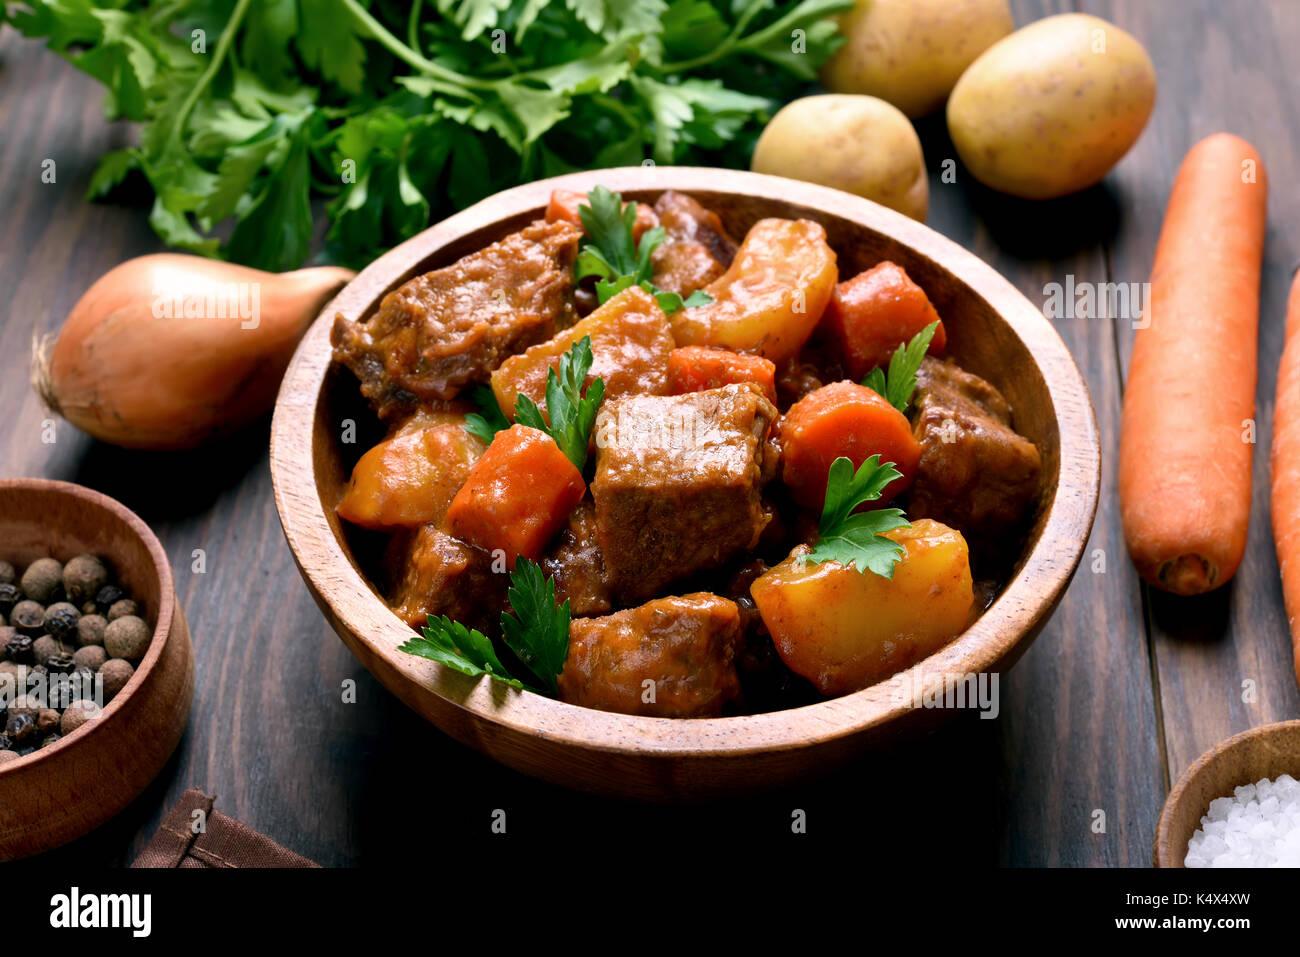 Plat pour le dîner. ragoût de viande avec légumes dans bol en bois Photo Stock